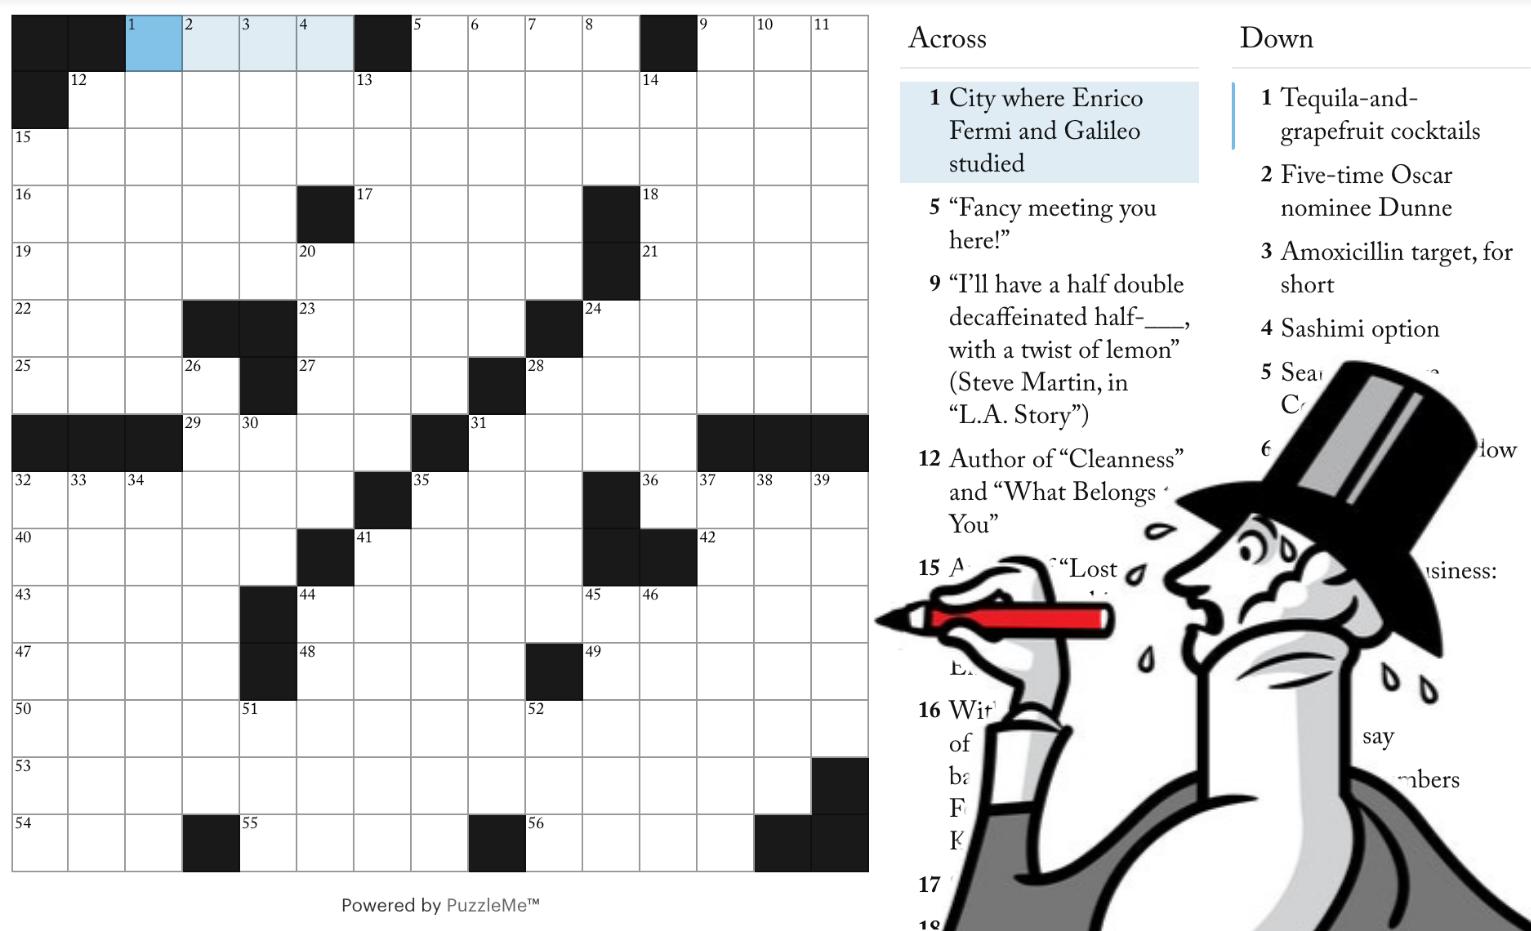 New Yorker'ın sitesindeki bulmacalardan birisinin ekran görüntüsü.